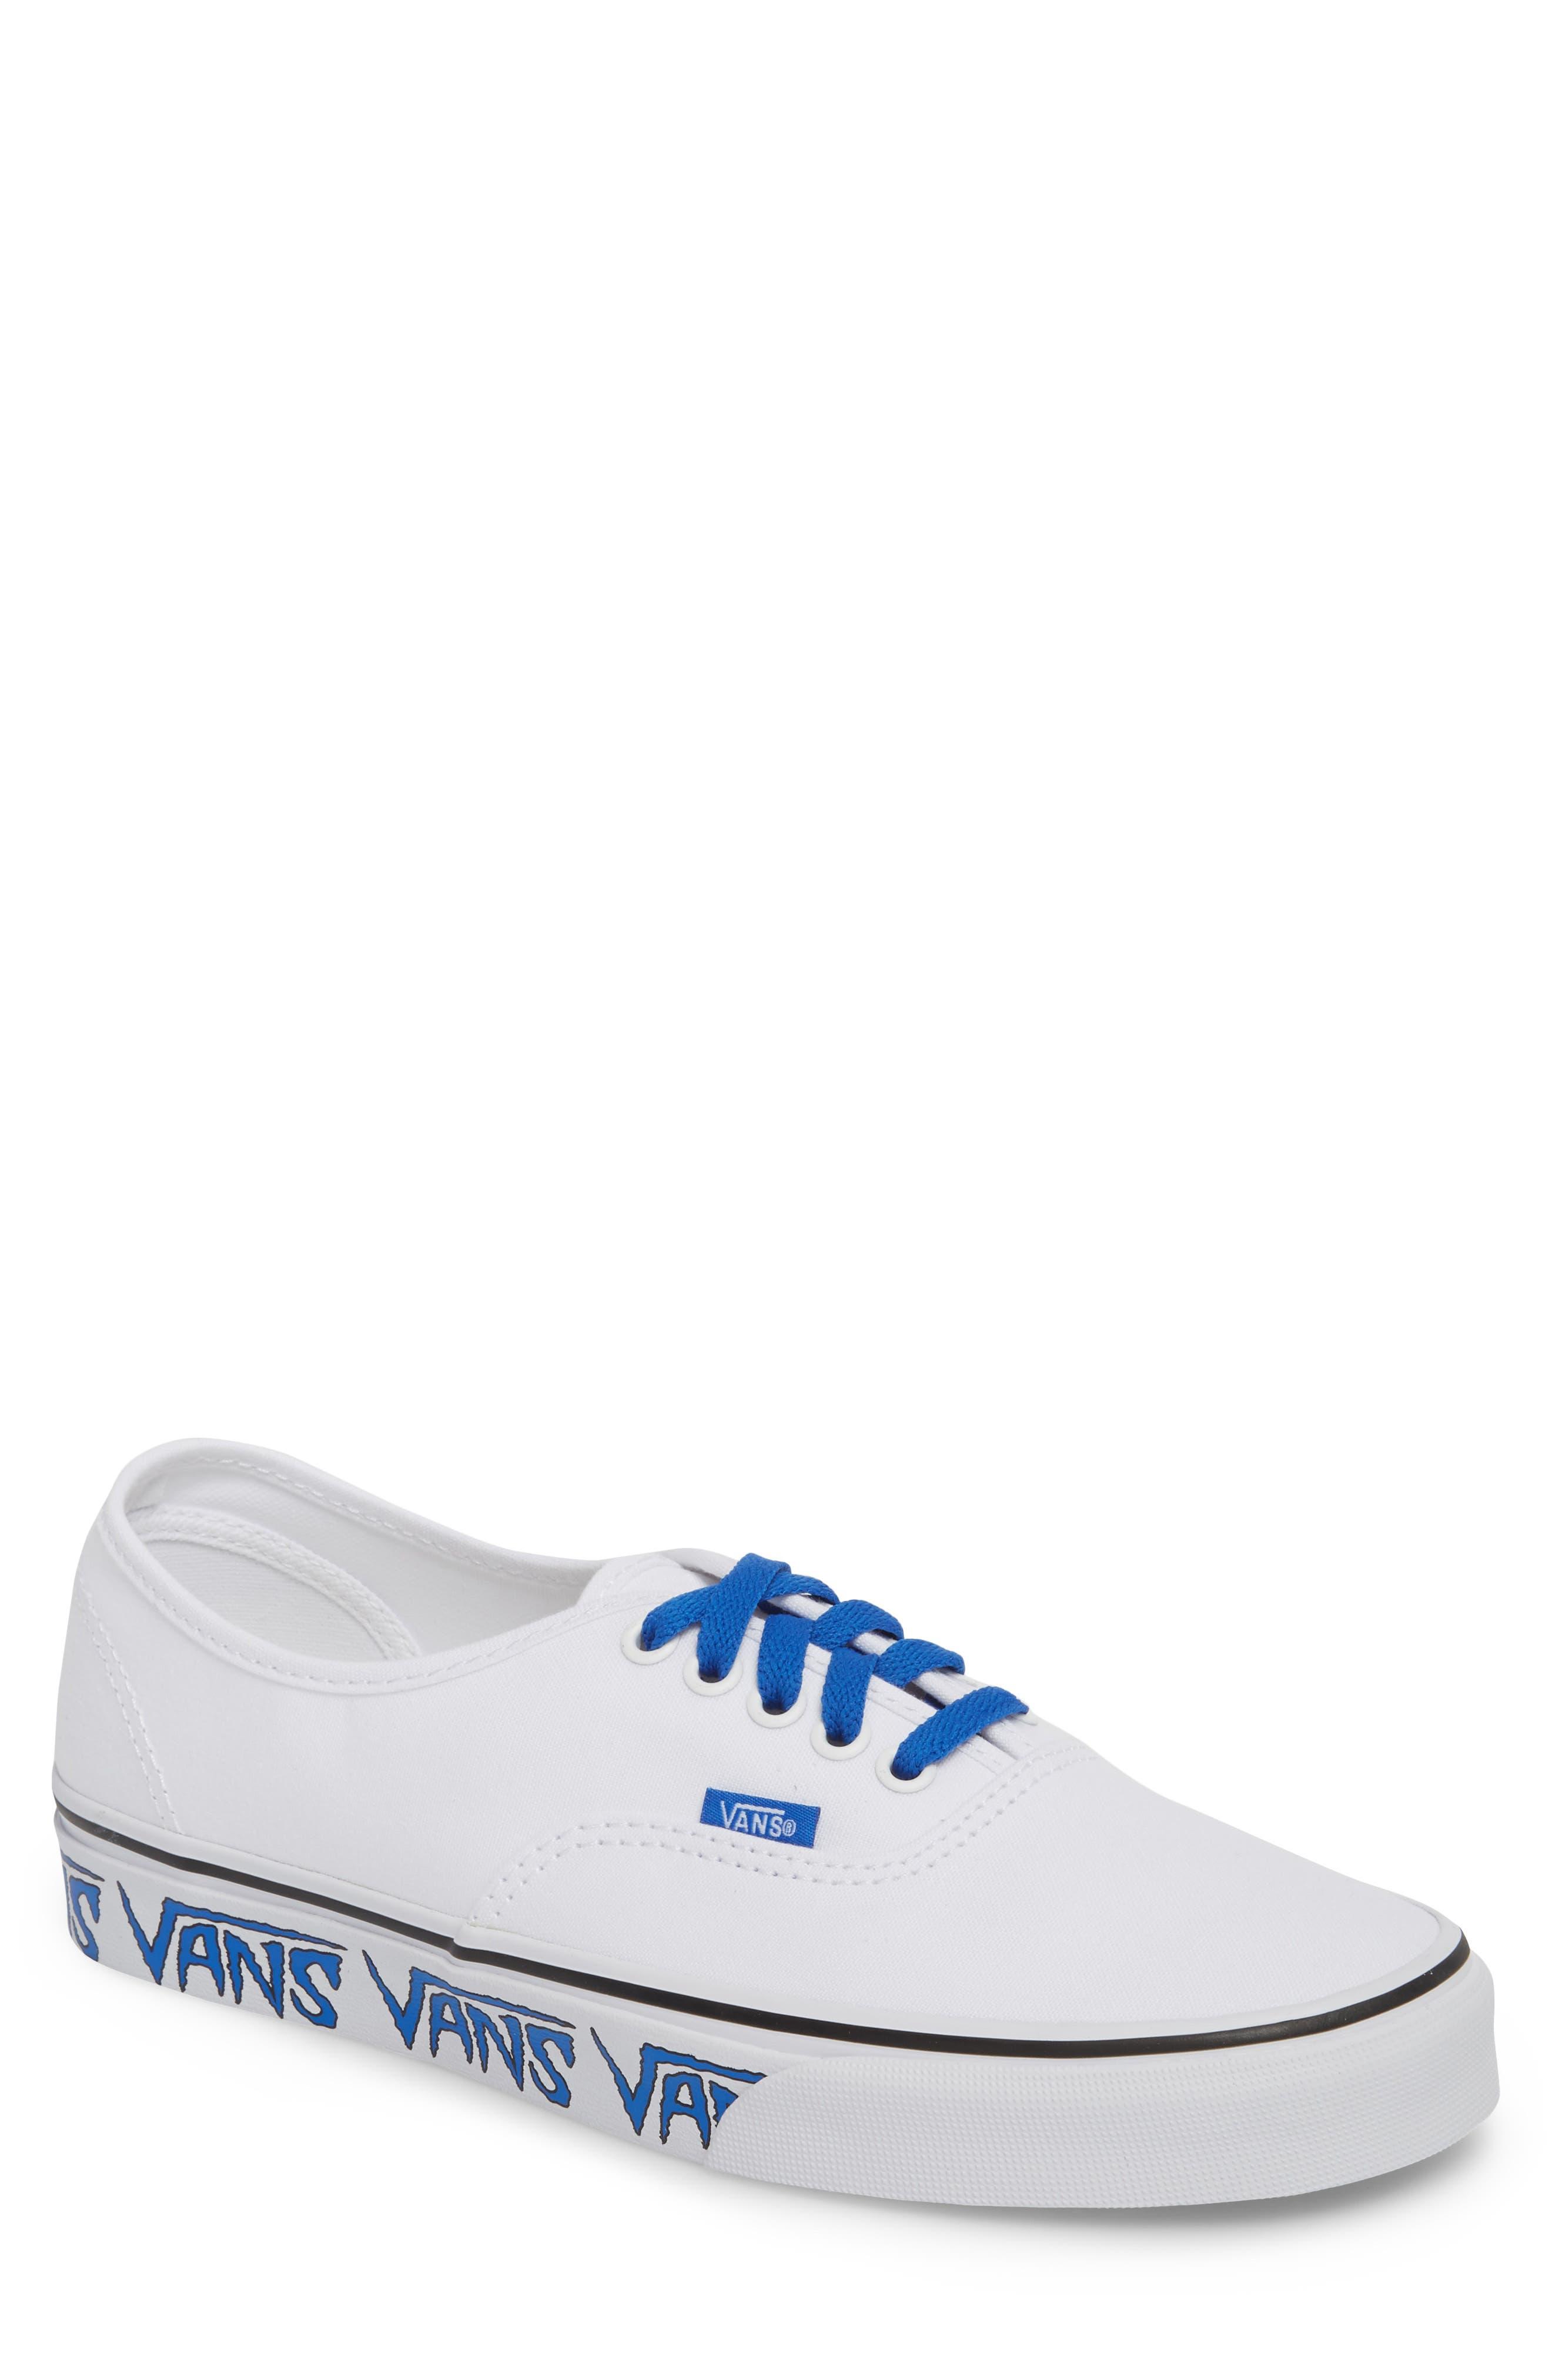 Vans Authentic Sketch Sidewall Sneaker (Men)